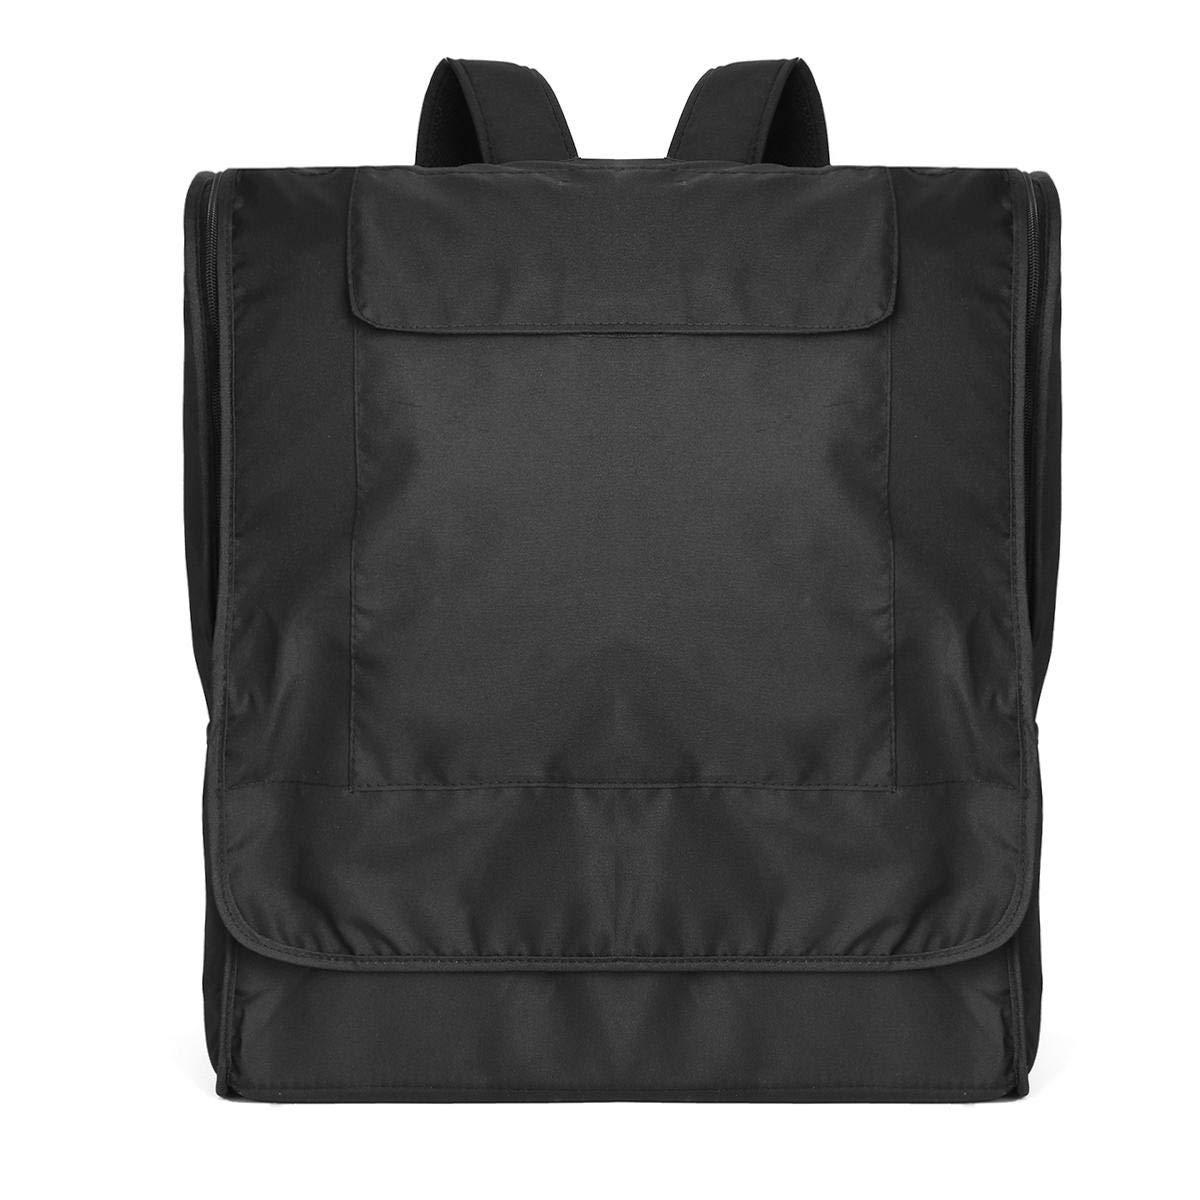 Oxford Stroller Storage Bag Travel Camping Baby Backpack Waterproof Shoulder Bag Handbag